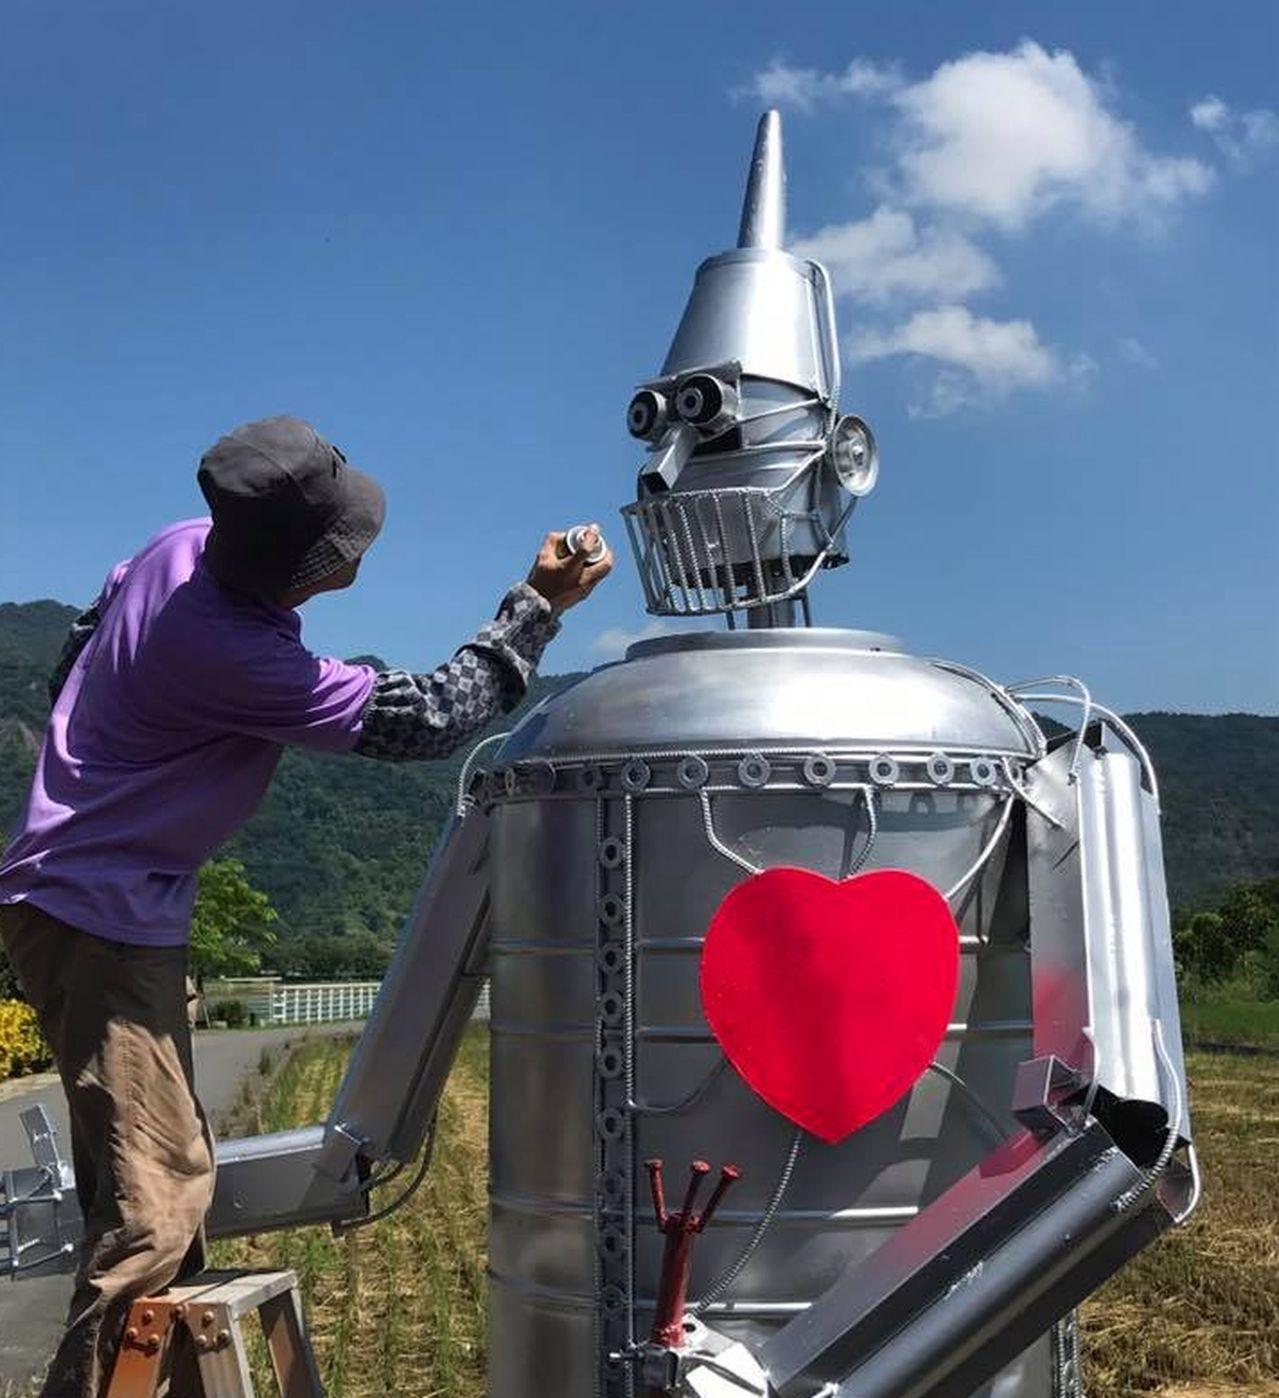 延至9月30日登場的「美濃秋冬樂活嘉年華」活動,今年吹童話風,參加輕旅行遊客可在...